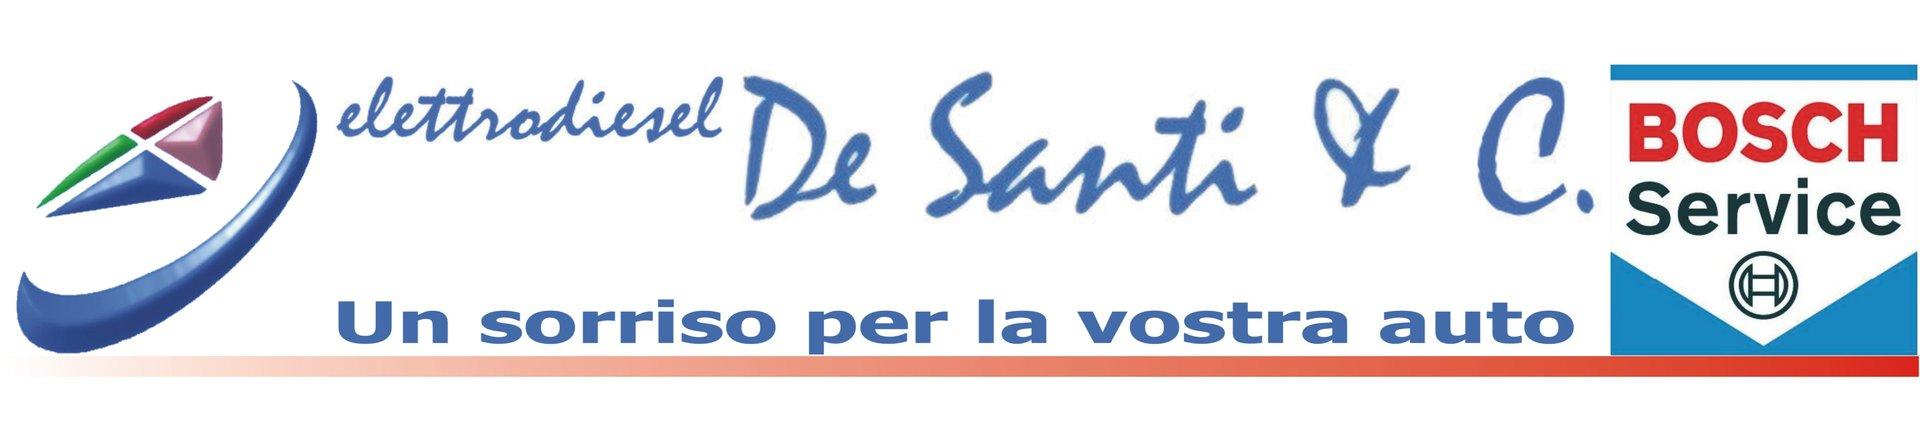 ELETTRODIESEL DE SANTI - LOGO